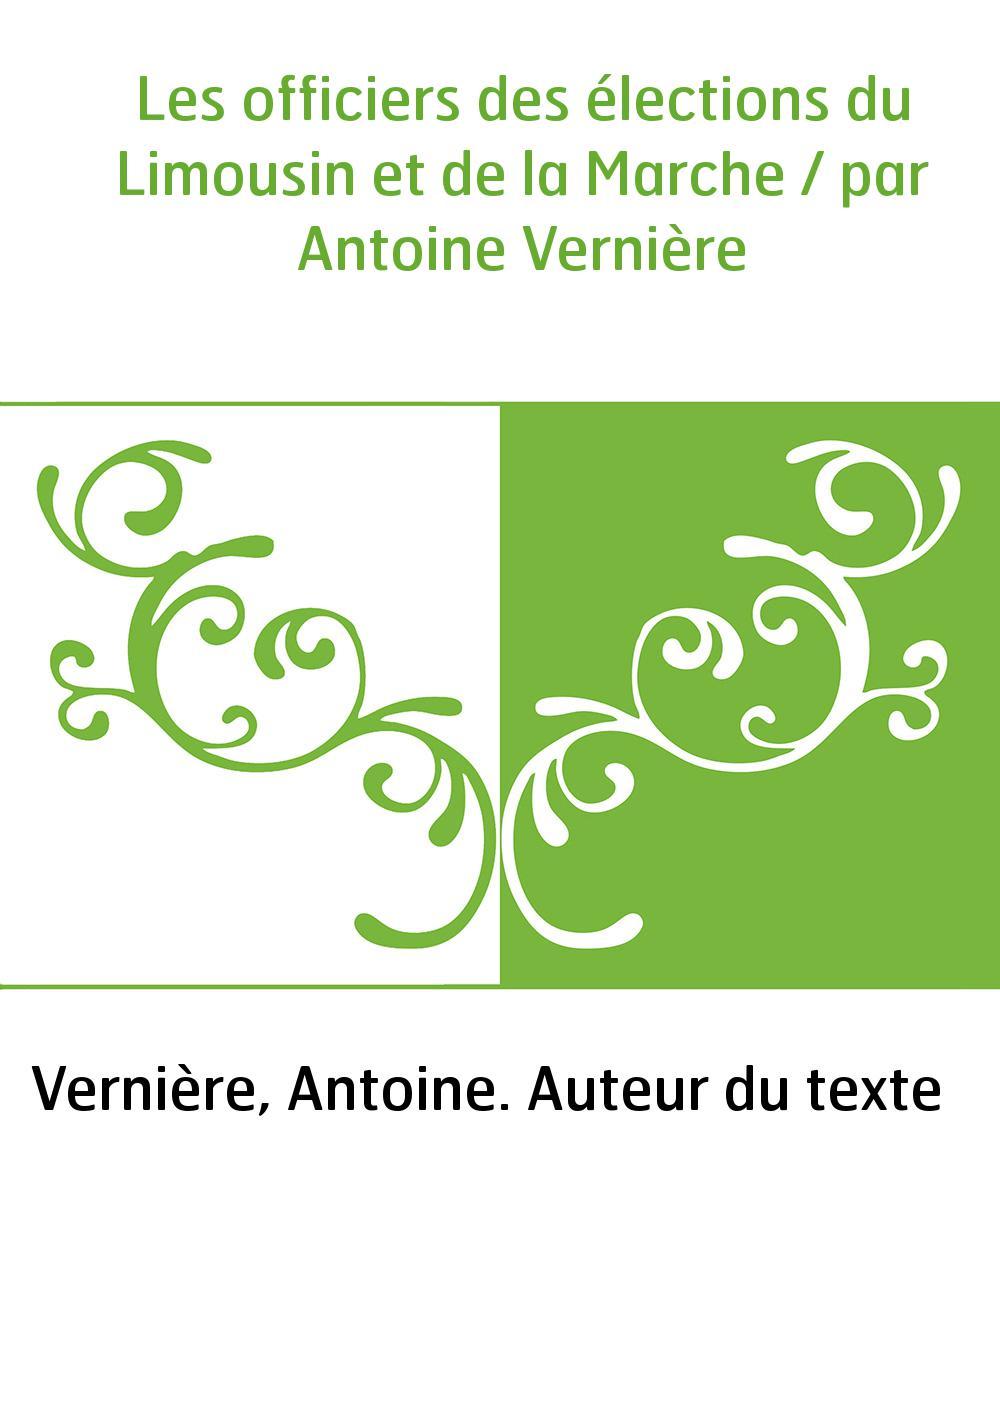 Les officiers des élections du Limousin et de la Marche / par Antoine Vernière